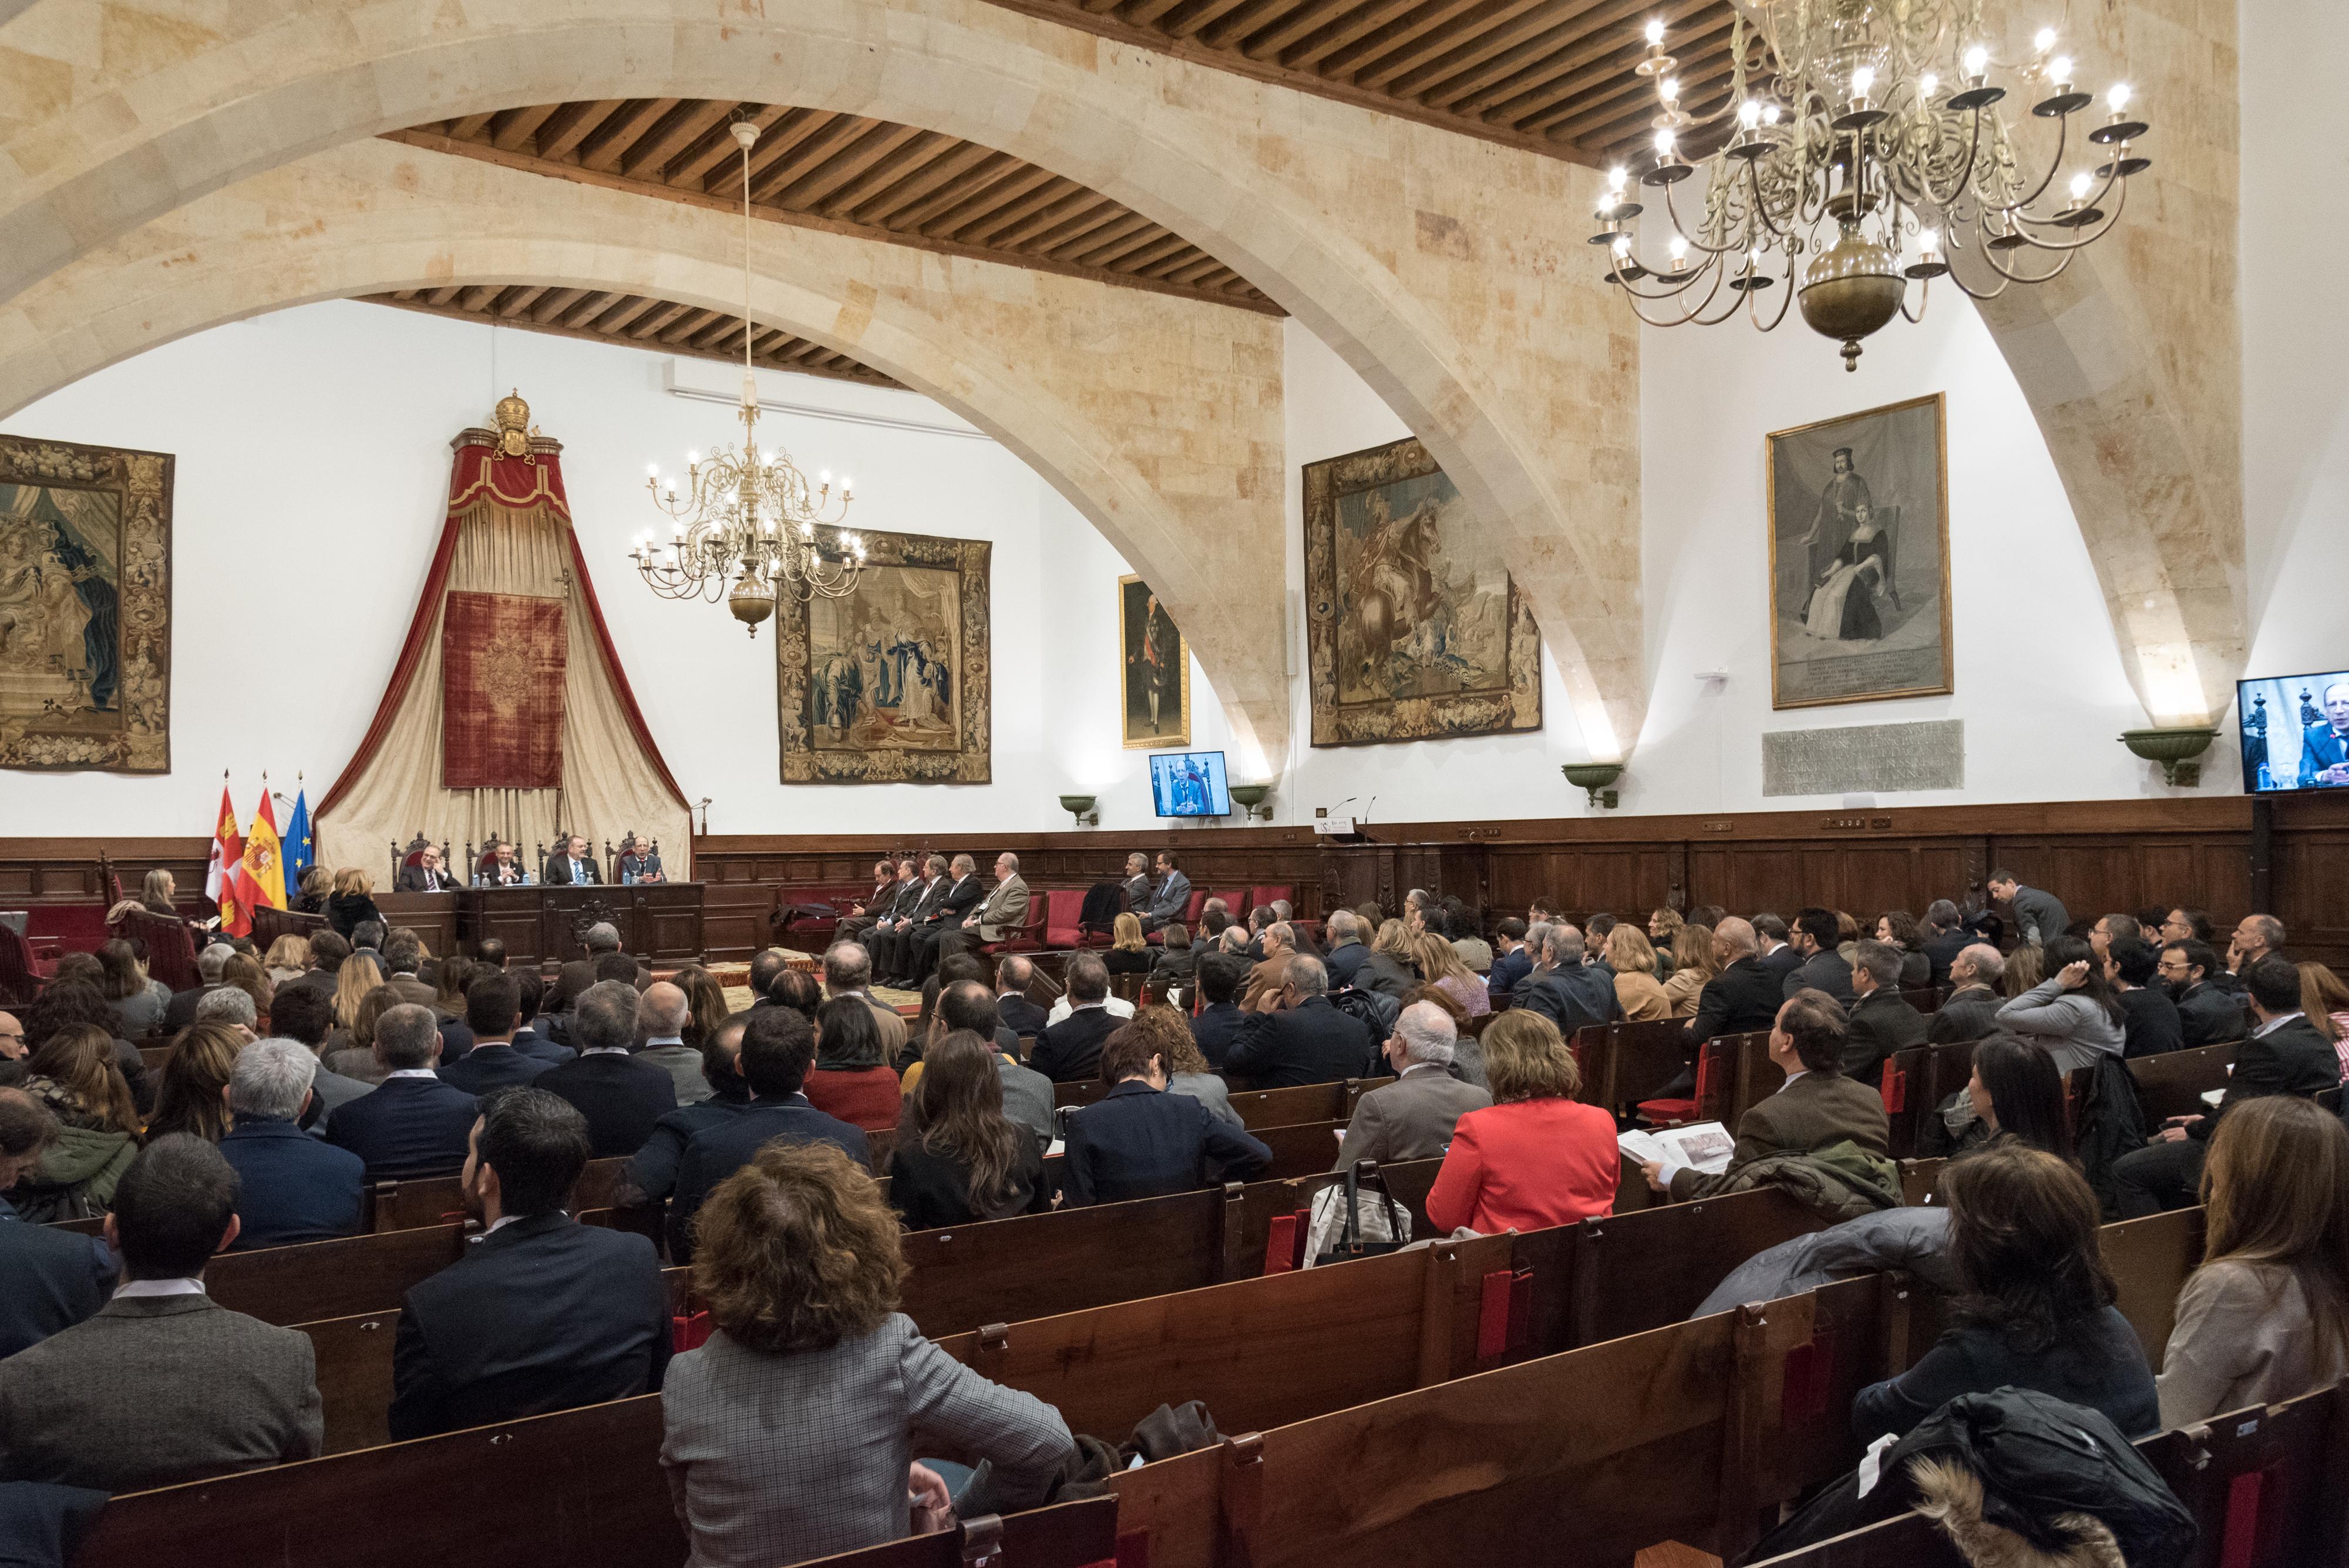 El Paraninfo acoge la inauguración del XIII Congreso de la Asociación de Profesores de Derecho Administrativo, incluido en la programación del VIII Centenario